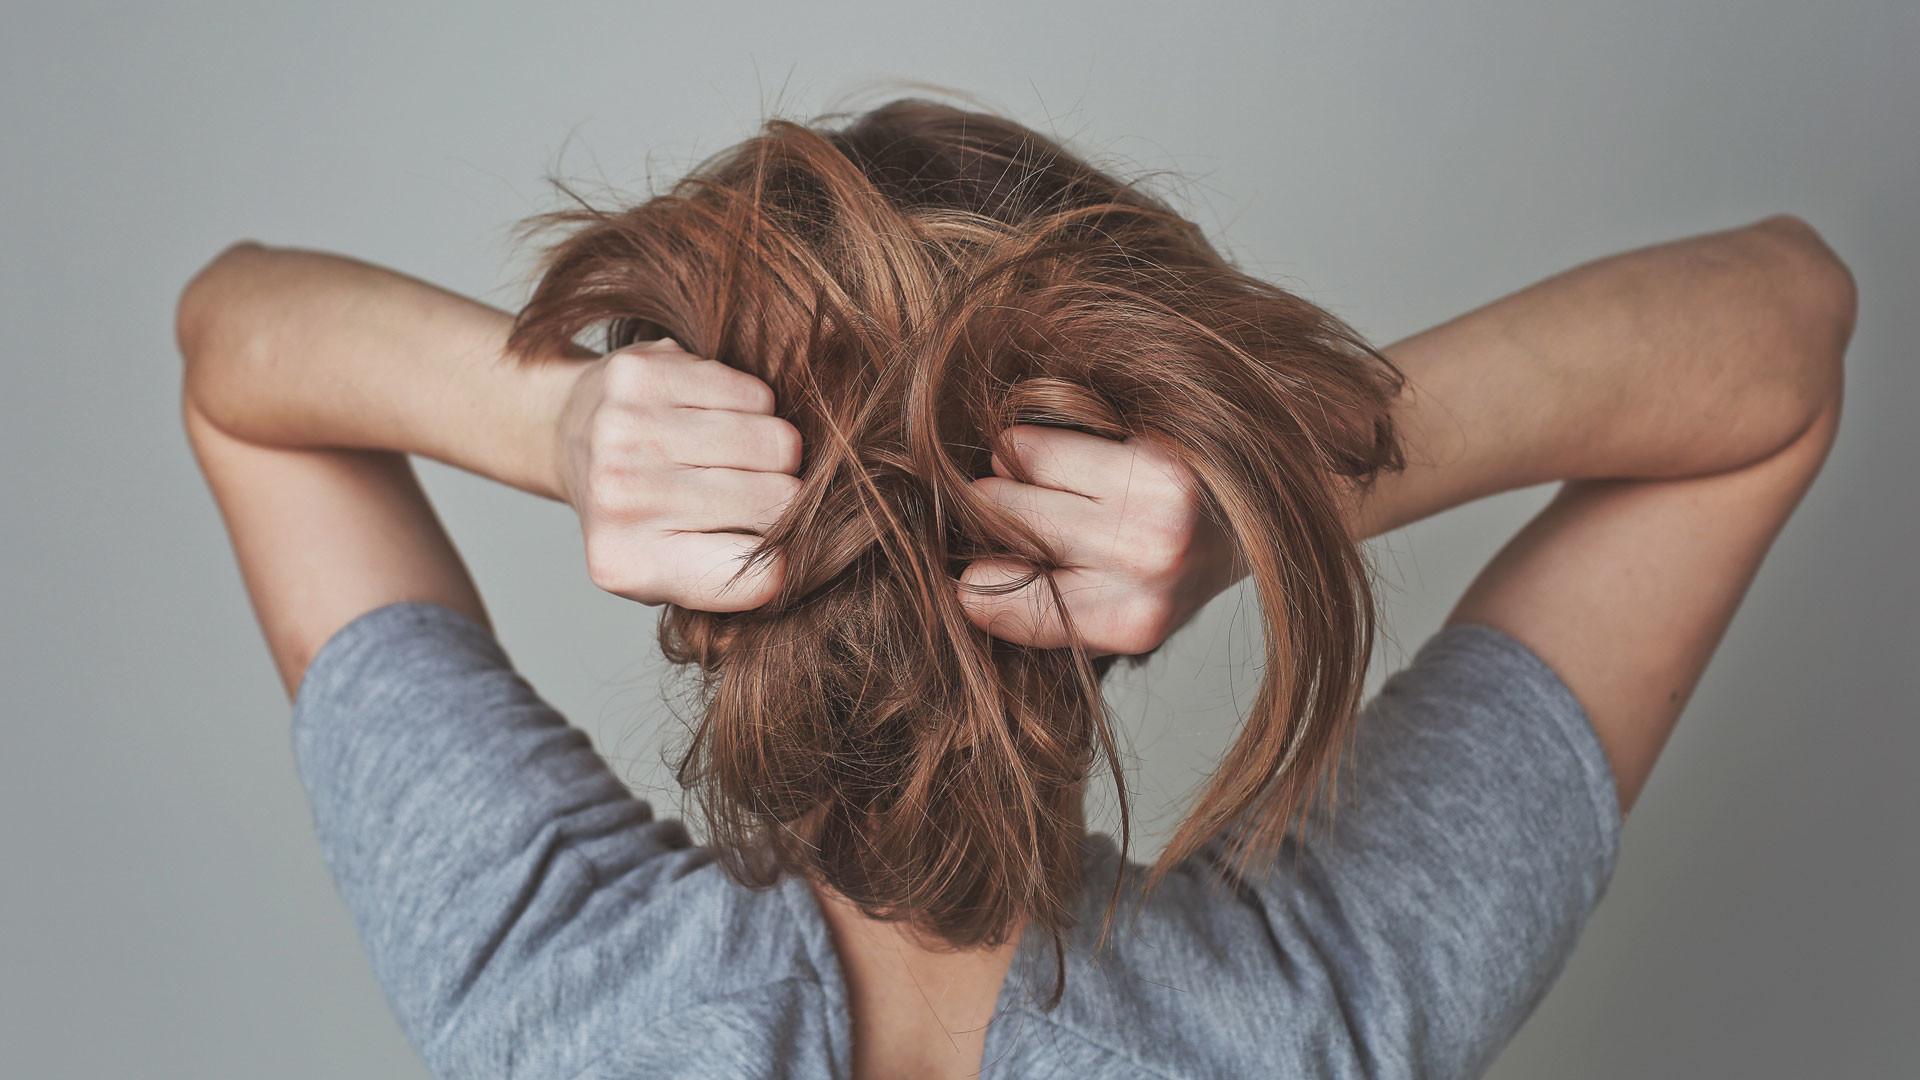 коем выдергиваю волосы фото царят продавцы горячей